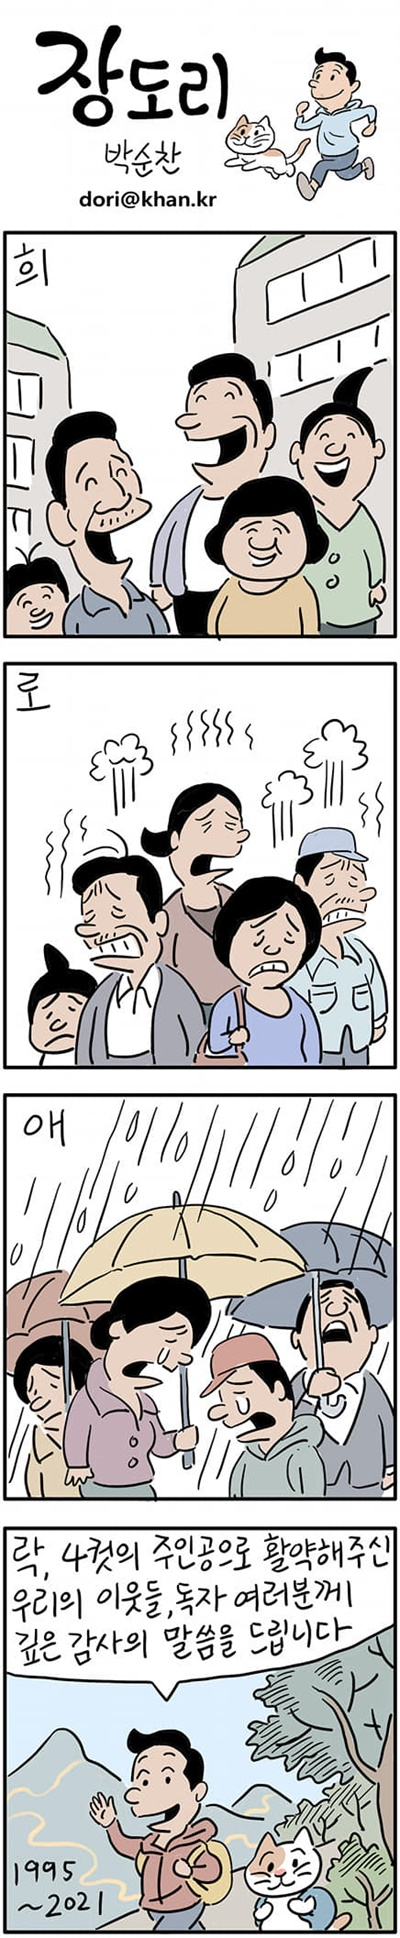 시사만화 '장도리' 마지막화